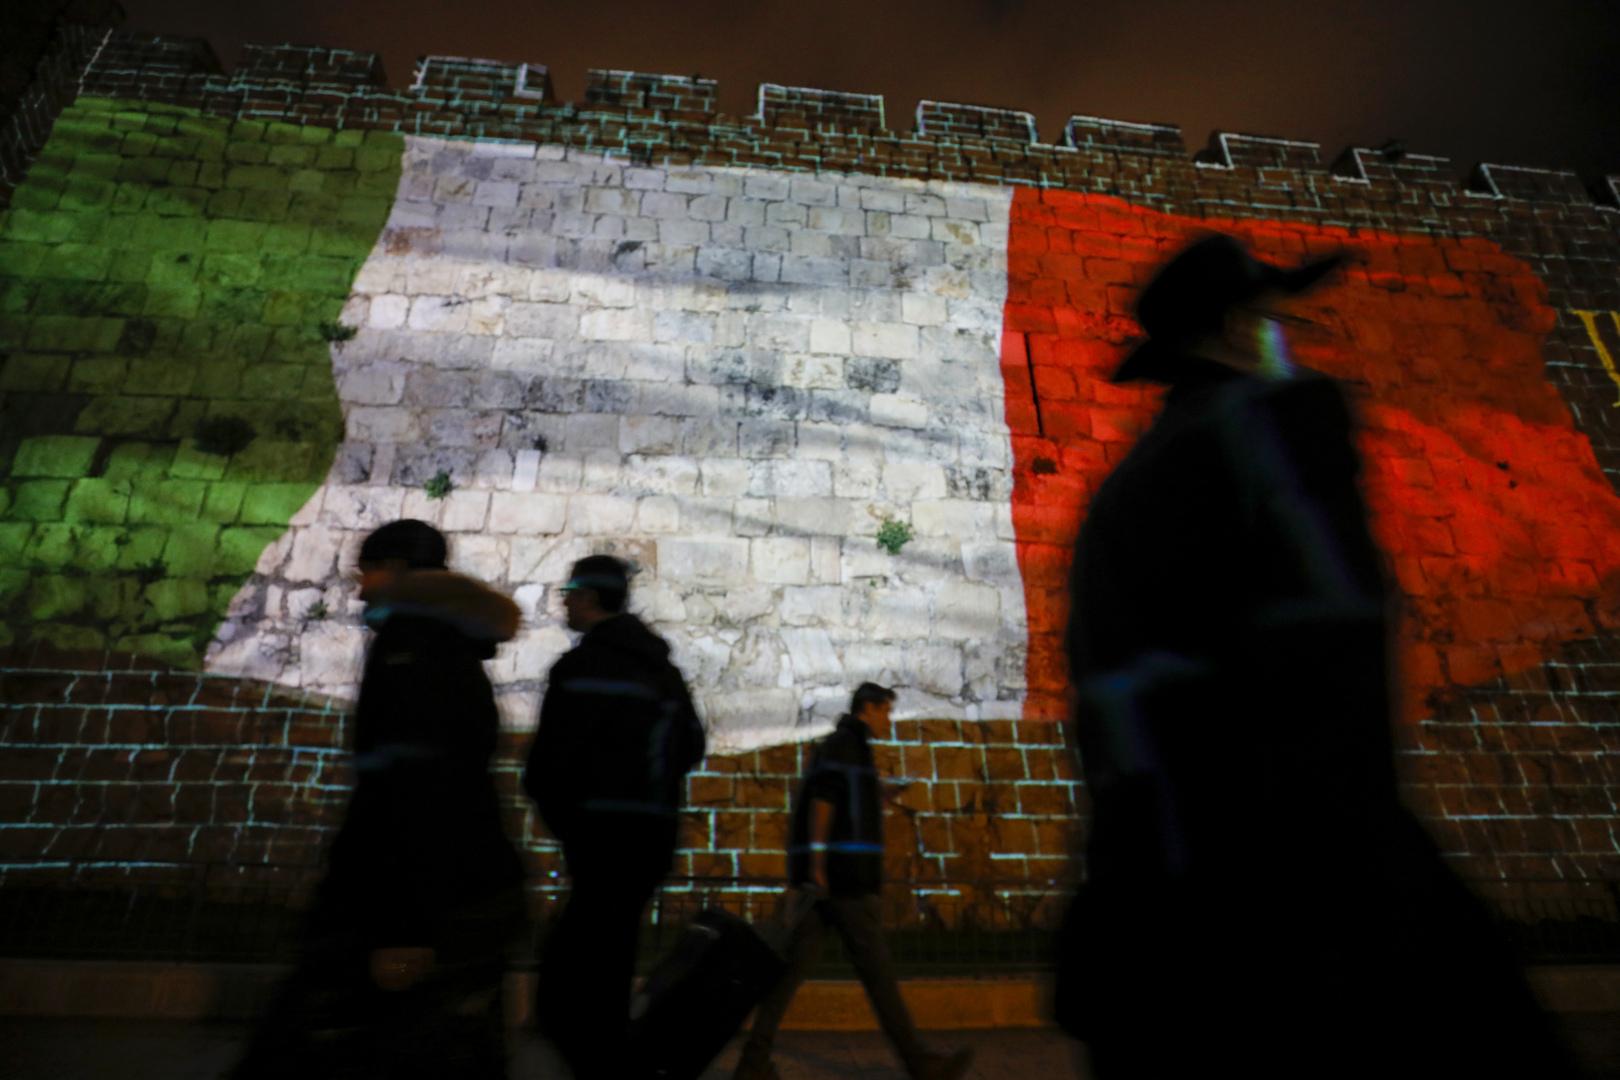 خبيران متخصصان يفسران سبب تفشي وباء كورونا بشدة في إيطاليا